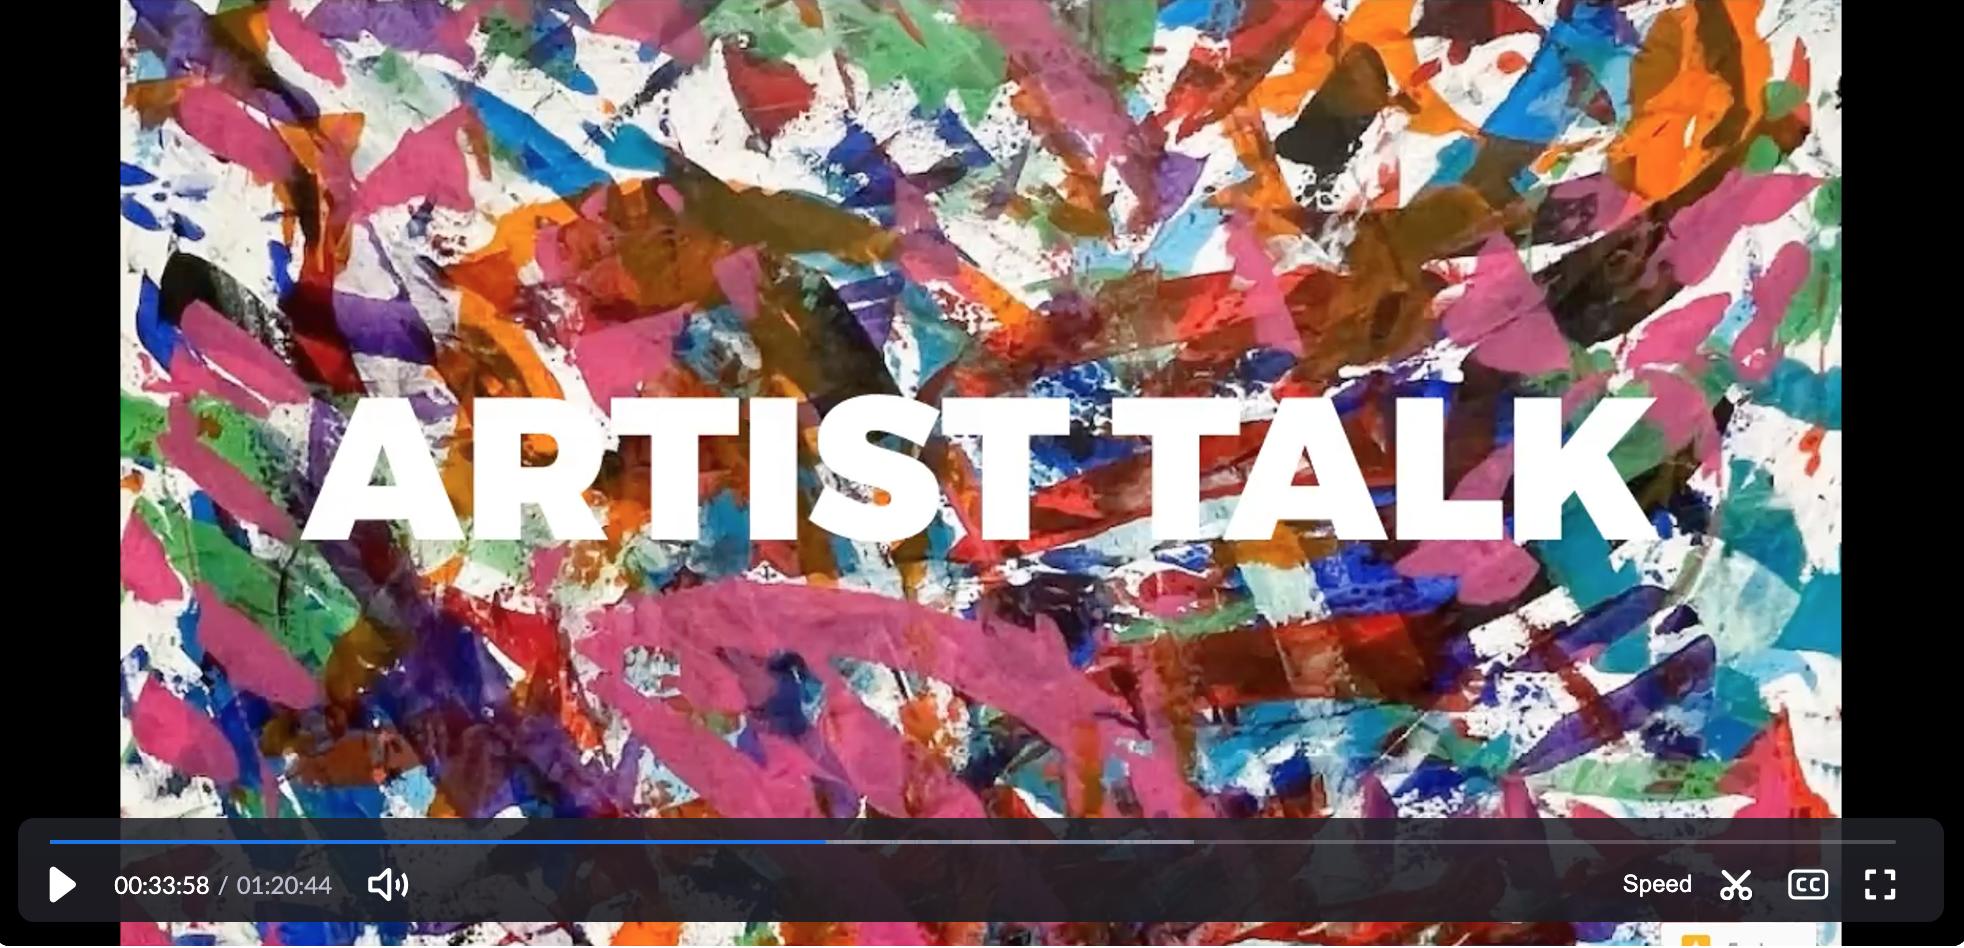 ArtistTalk